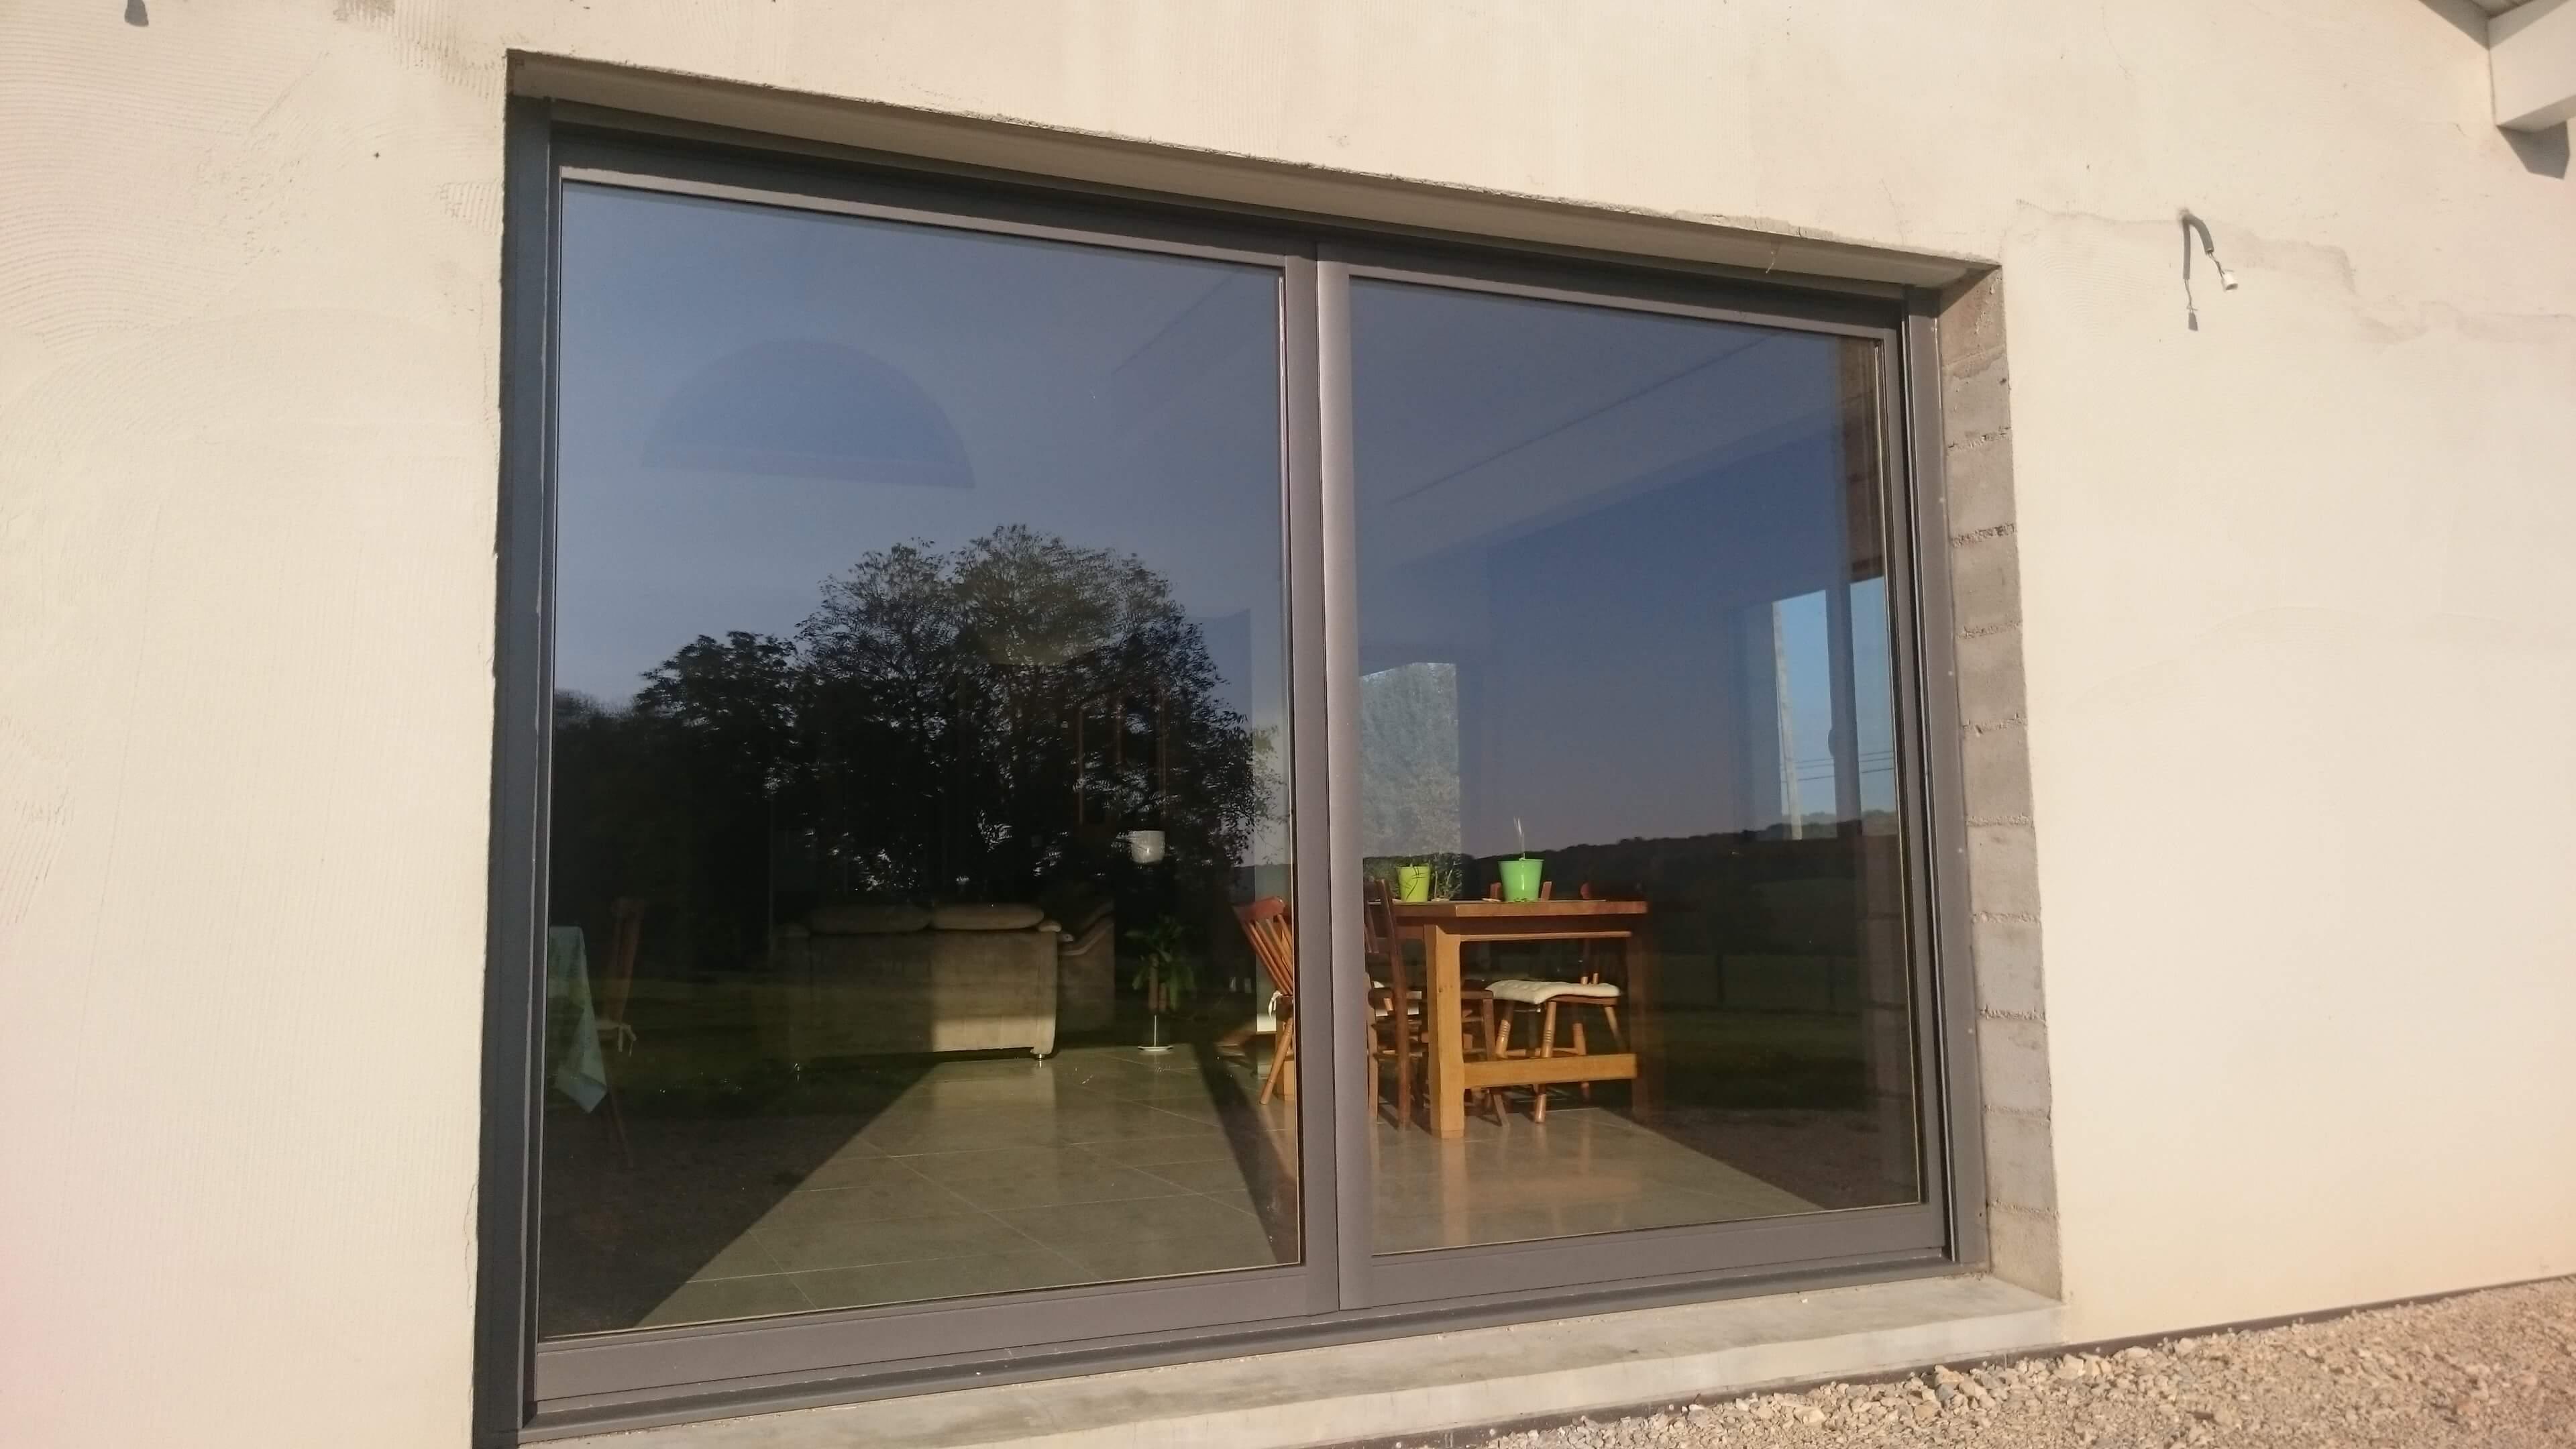 Menuiserie Figard - Fabrication sur mesure - Bais vitrée à galandage - Bois-aluminium - Vesoul